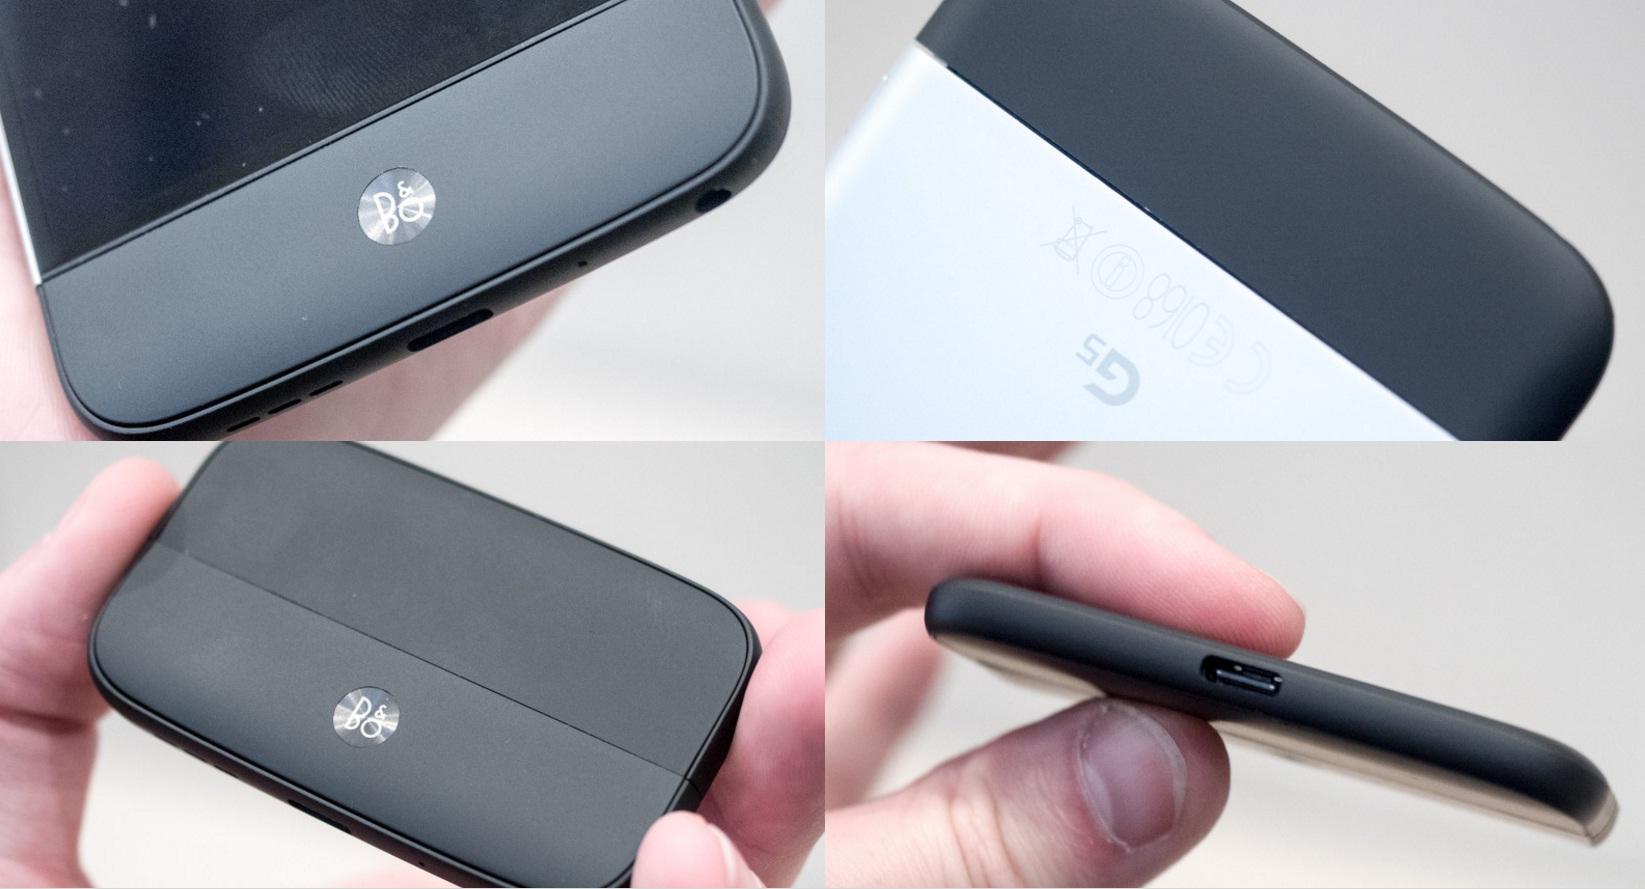 15 MWC 2016: Lansare LG G5 LIVE video incepand cu ora 15